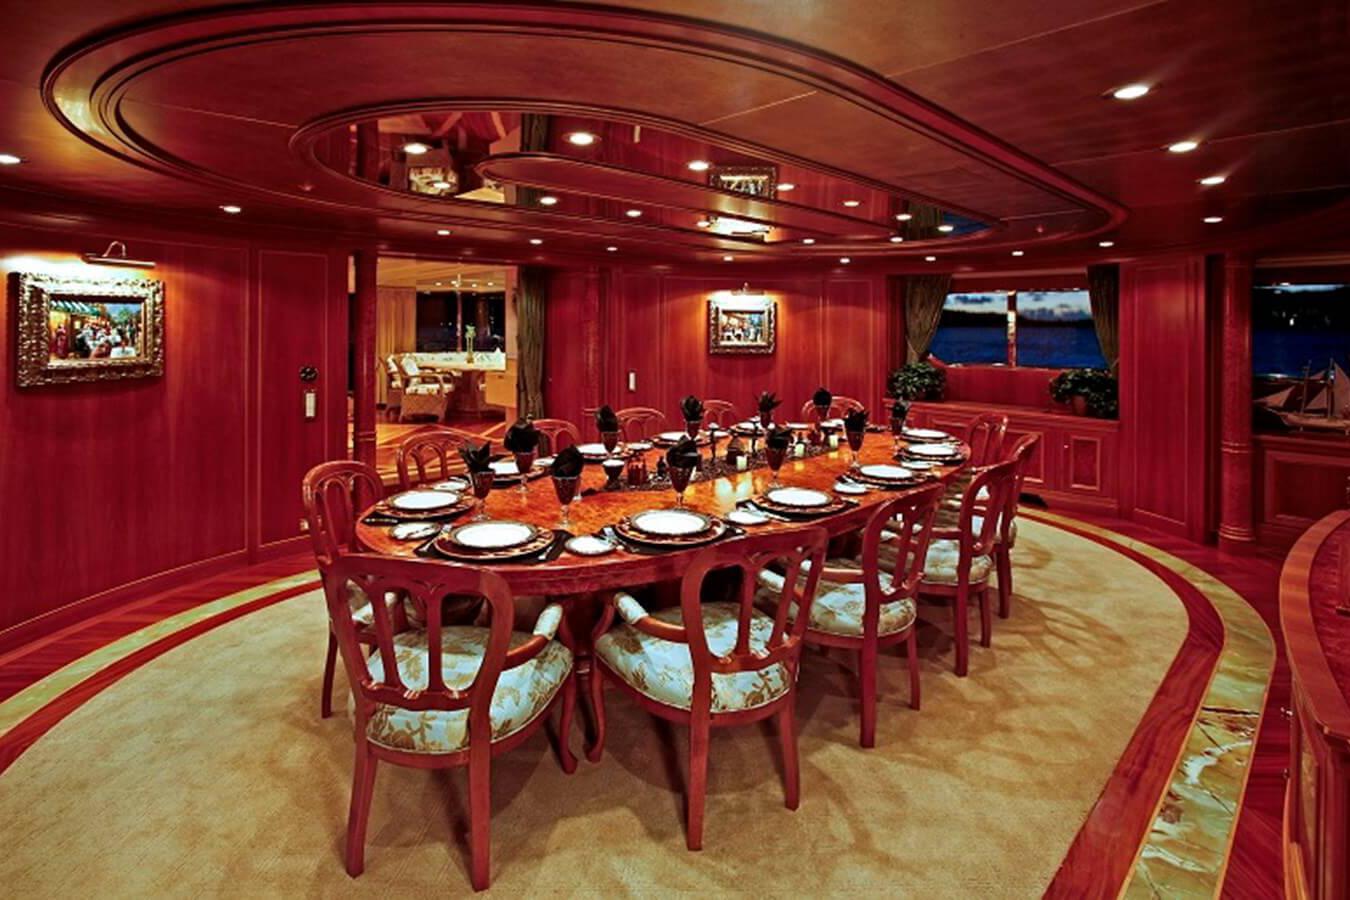 3 Formal dining